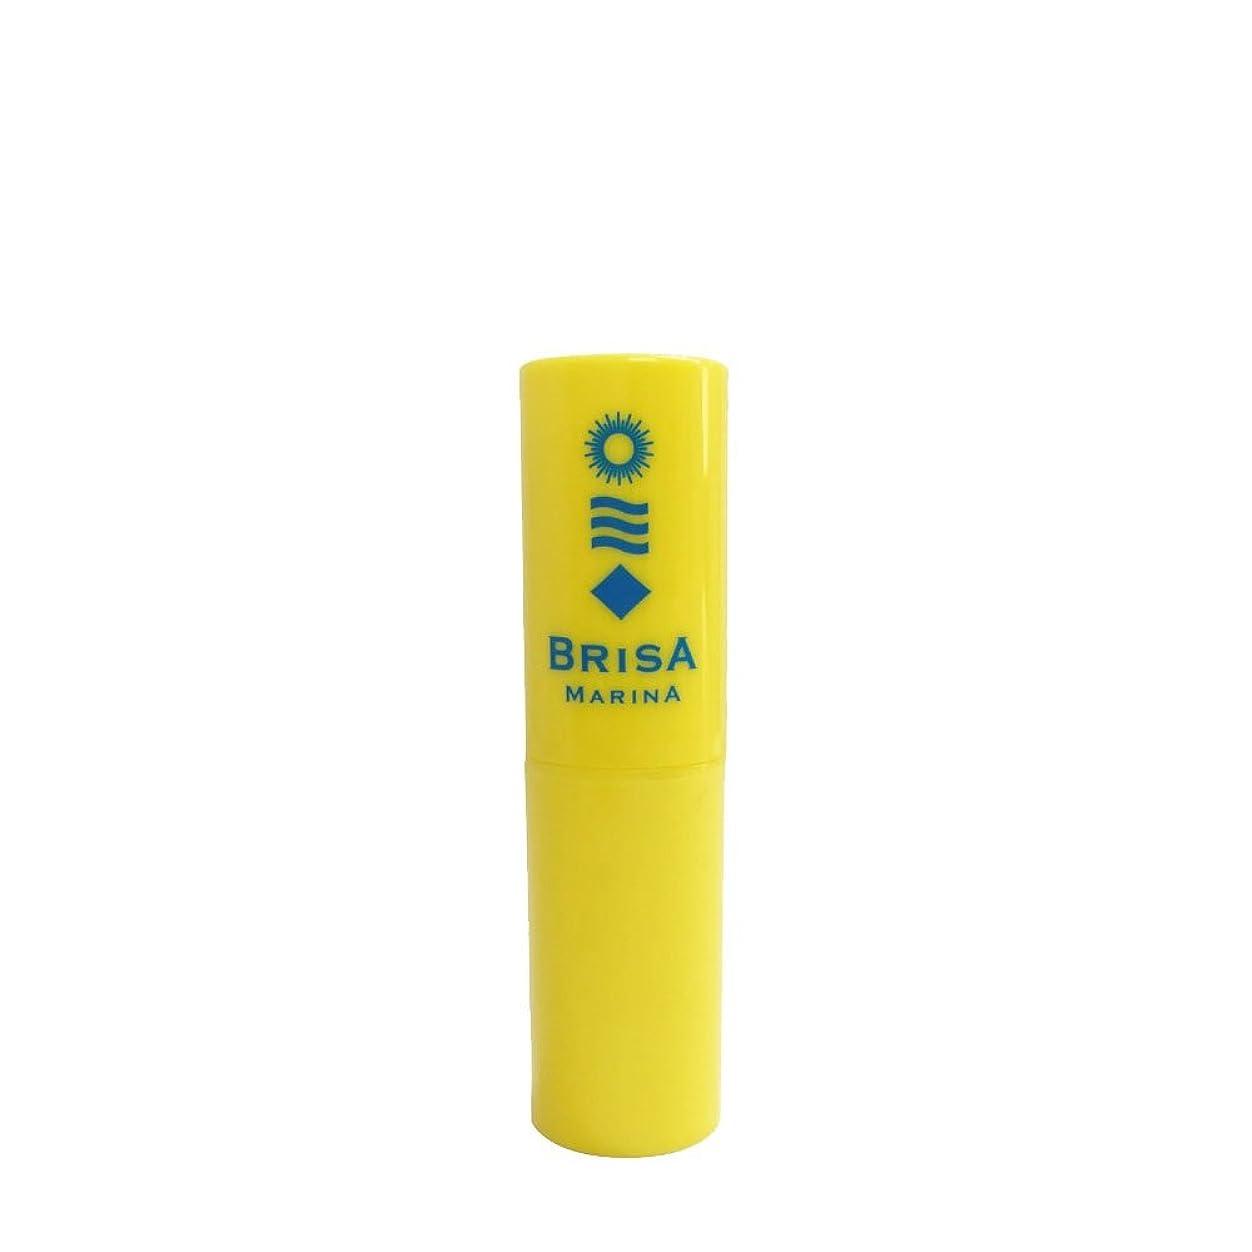 金銭的な火薬技術的なBRISA MARINA(ブリサ マリーナ) 日焼け止めUVリップ(クリア) 3g[SPF32 PA+++] Z-0CBM0016200 バリエーション不要